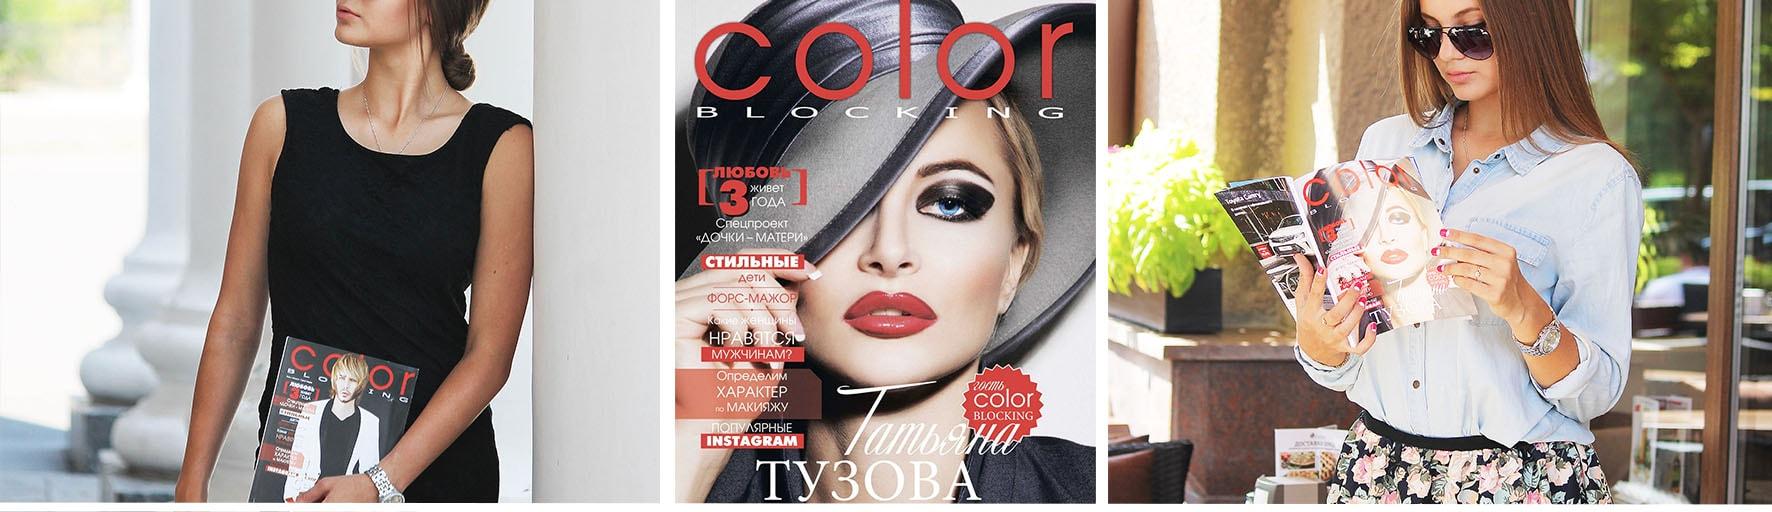 рекламные услуги журнал COLOR BLOCKING